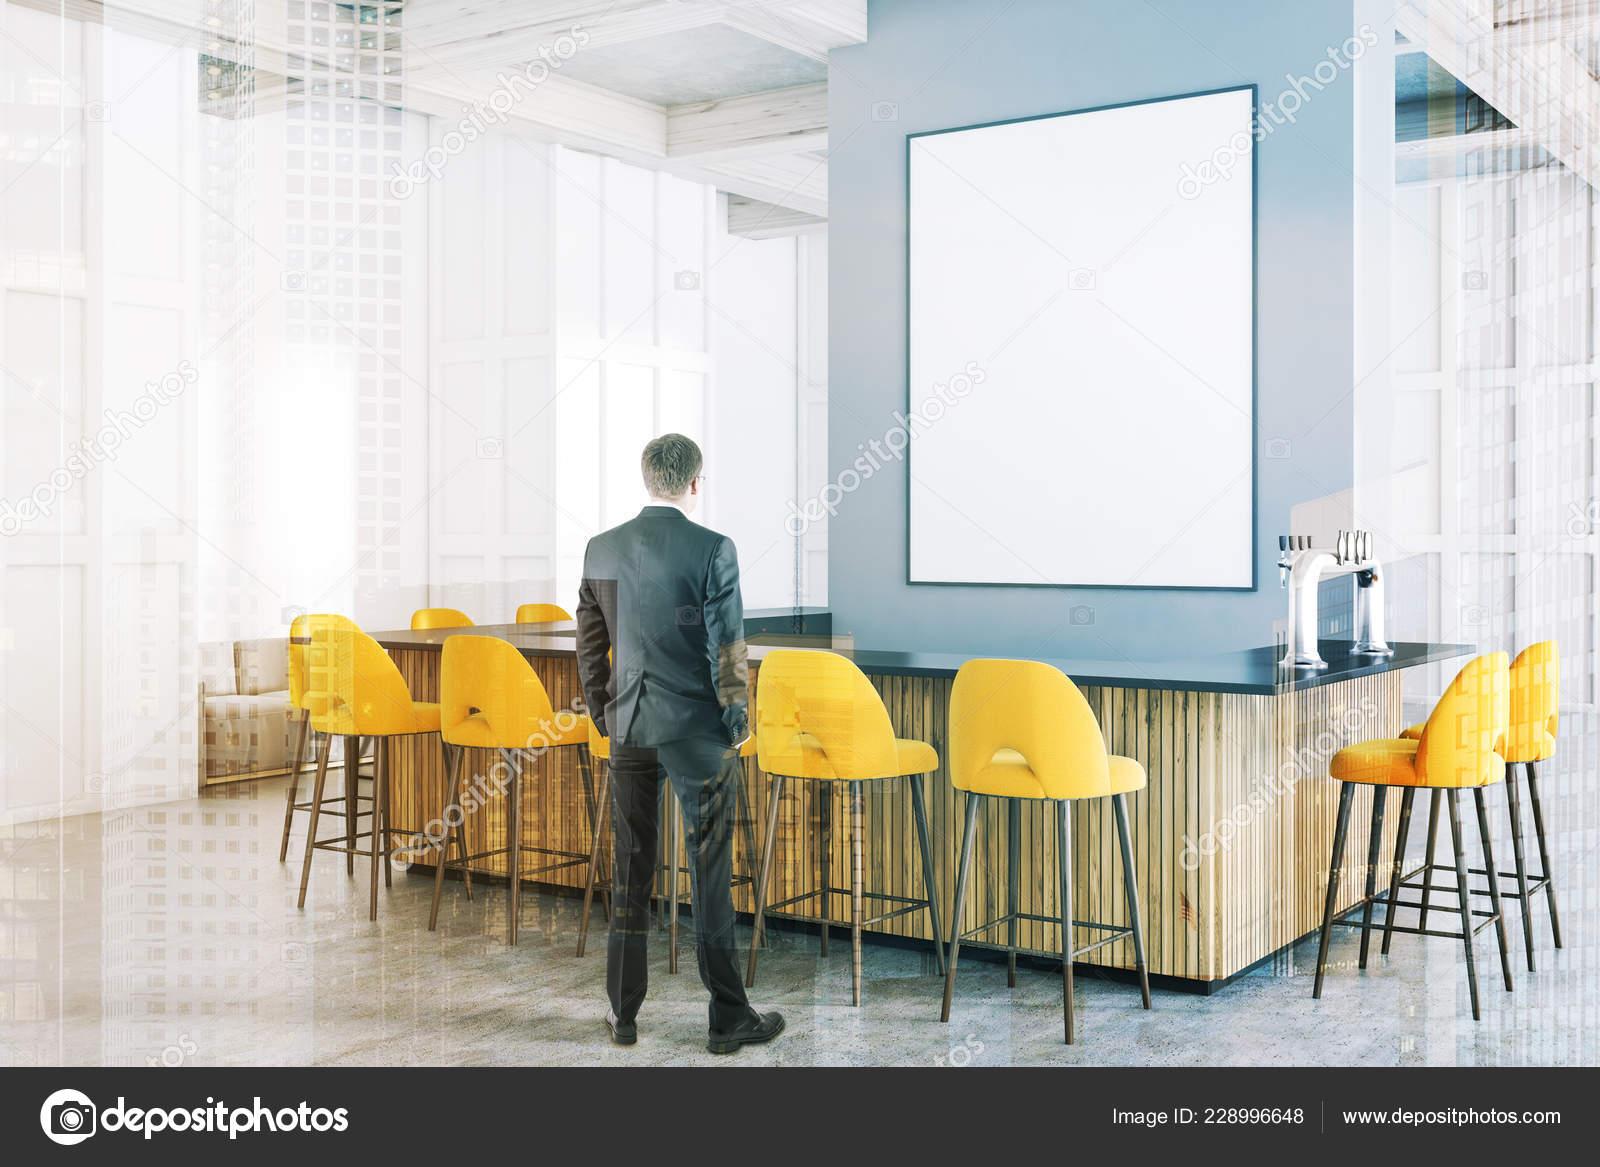 80b316d2550a Hombre en la esquina de bar moderno con paredes blancas, piso de concreto,  grandes ventanas, madera y gris de la barra con taburetes amarillo de pie  cerca ...